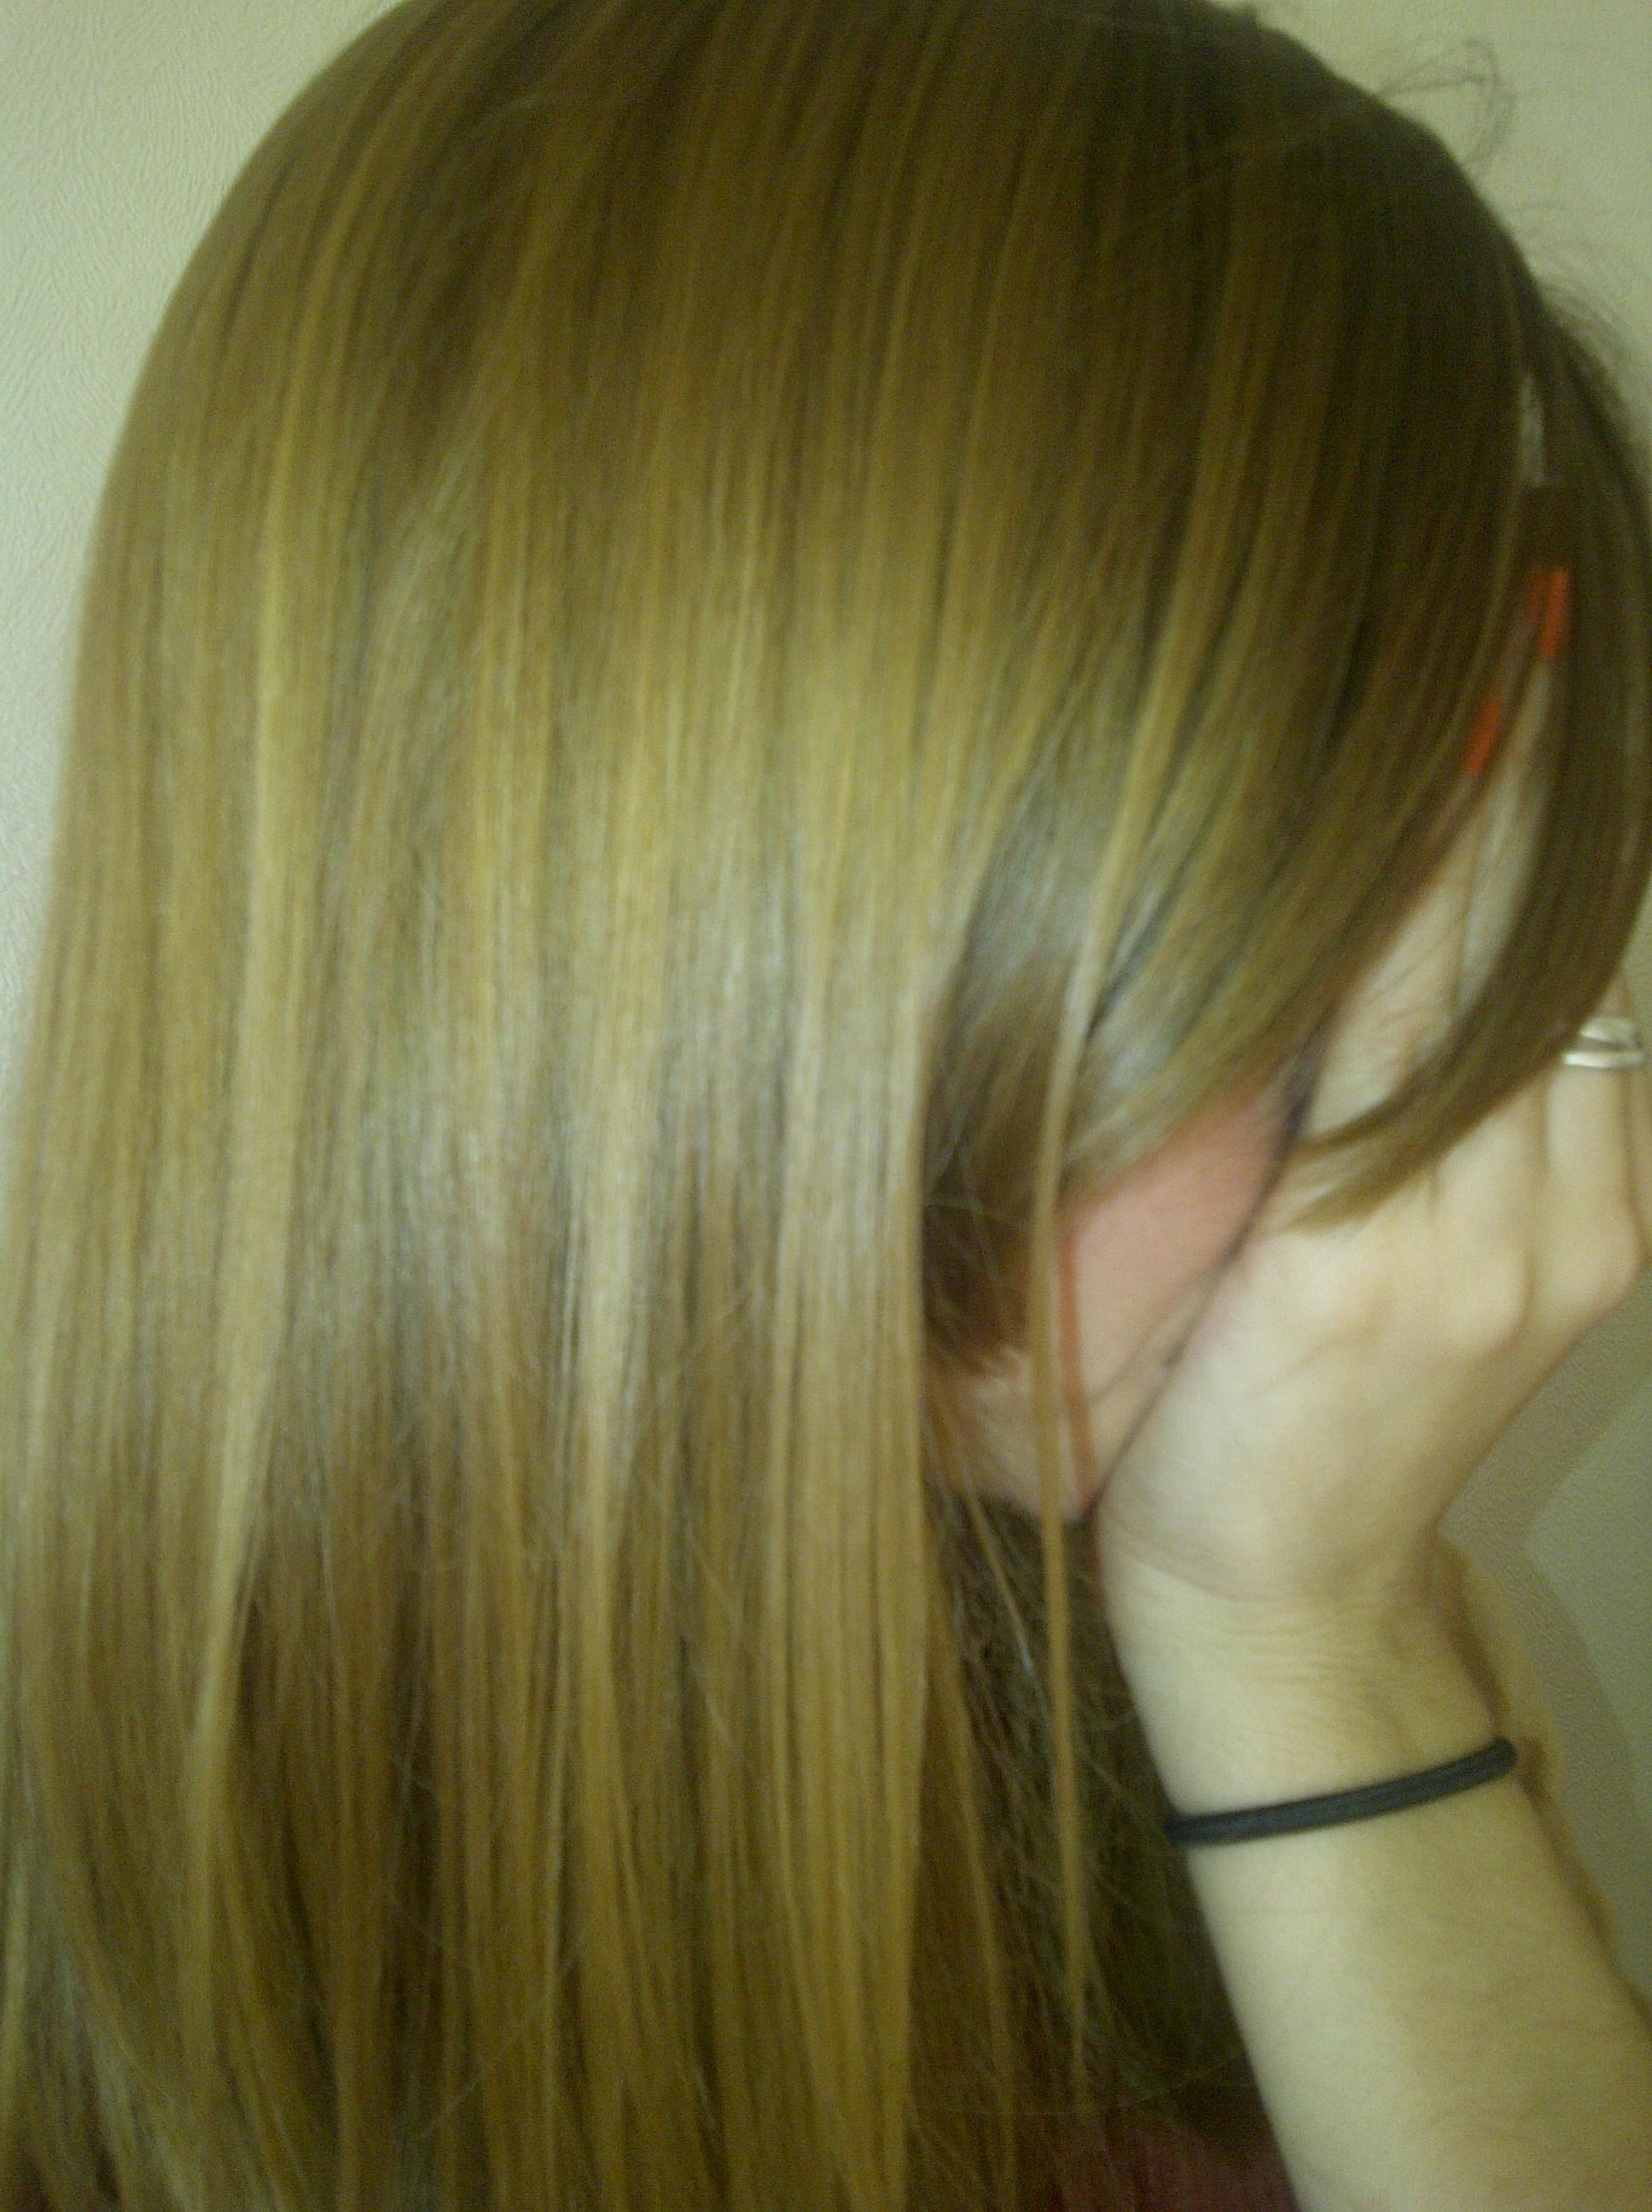 Chez moi lhépatite avec tombent fortement les cheveux que faire